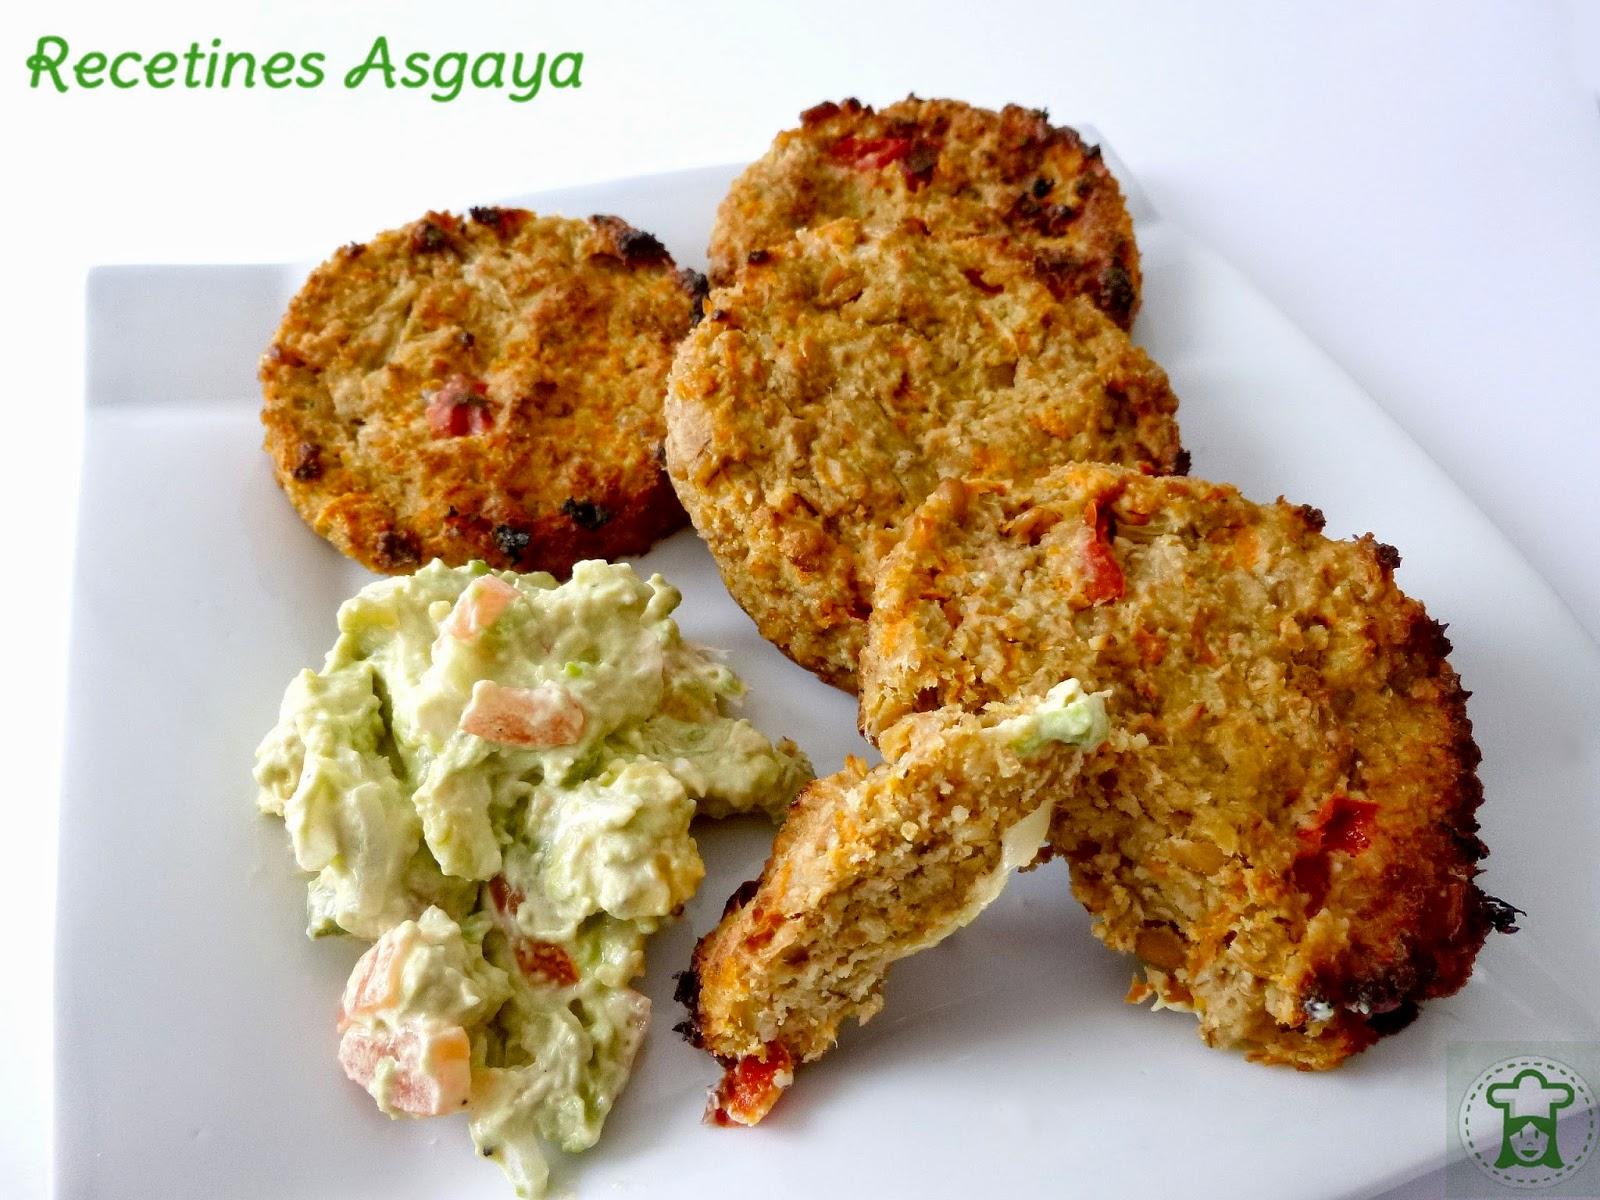 Hamburguesa de espelta y verduras recetines asgaya - Hamburguesa de verduras ...